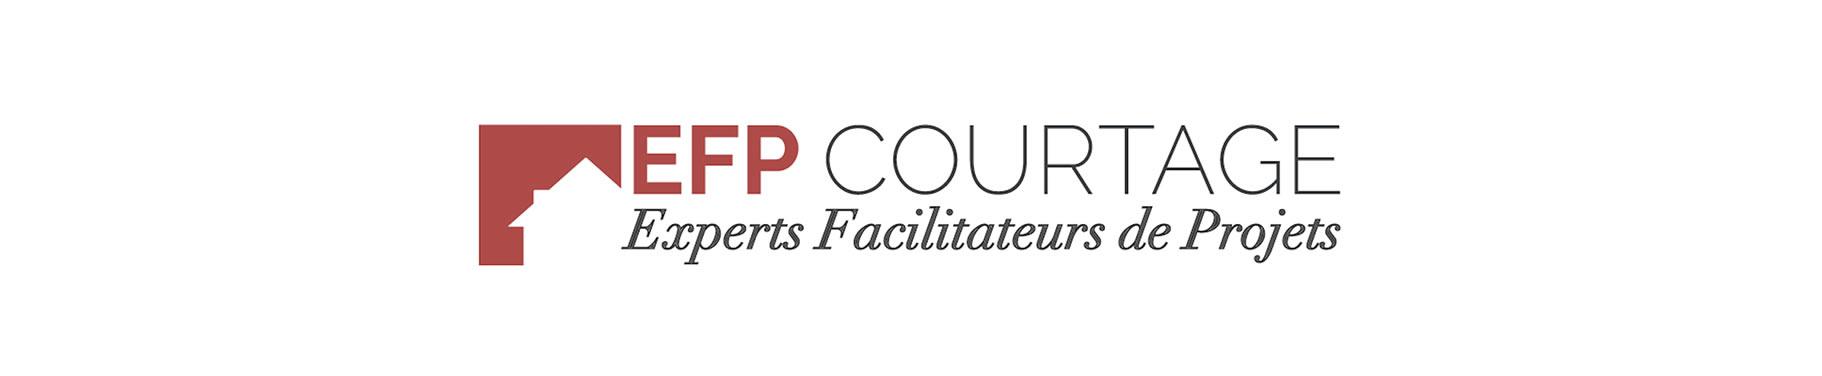 EFP COURTAGE : Courtier en prêts immobiliers